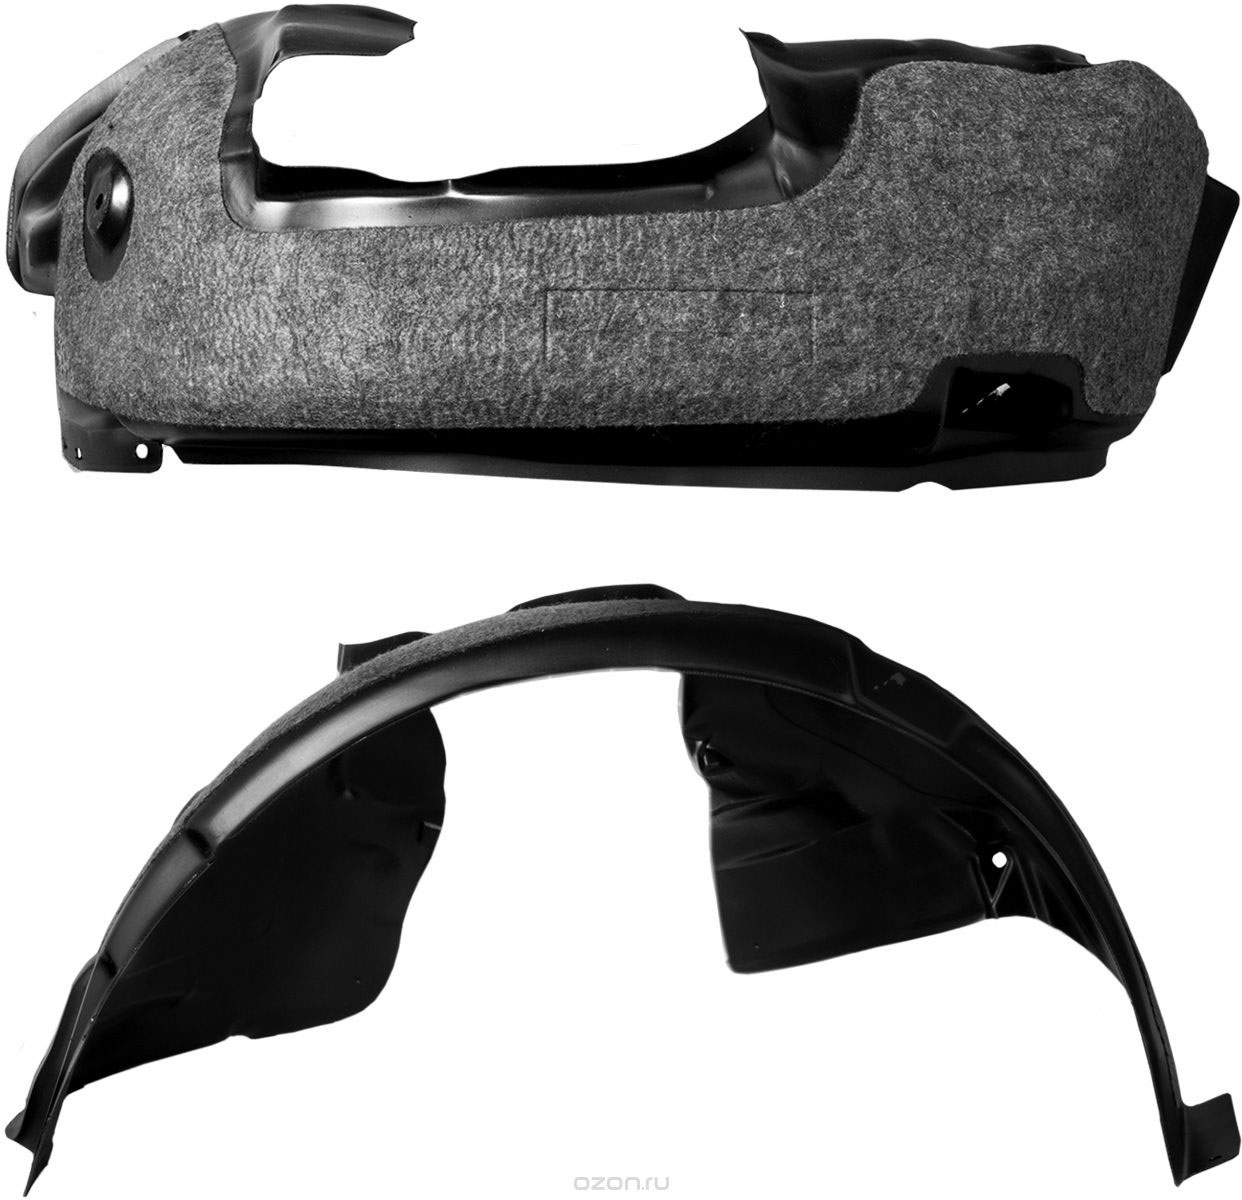 Подкрылок Novline-Autofamily, с шумоизоляцией, для MITSUBISHI Outlander, 2015->, задний правый42305008Идеальная защита колесной ниши. Локеры разработаны с применением цифровых технологий, гарантируют максимальную повторяемость поверхности арки. Изделия устанавливаются без нарушения лакокрасочного покрытия автомобиля, каждый подкрылок комплектуется крепежом. Уважаемые клиенты, обращаем ваше внимание, что фотографии на подкрылки универсальные и не отражают реальную форму изделия. При этом само изделие идет точно под размер указанного автомобиля.